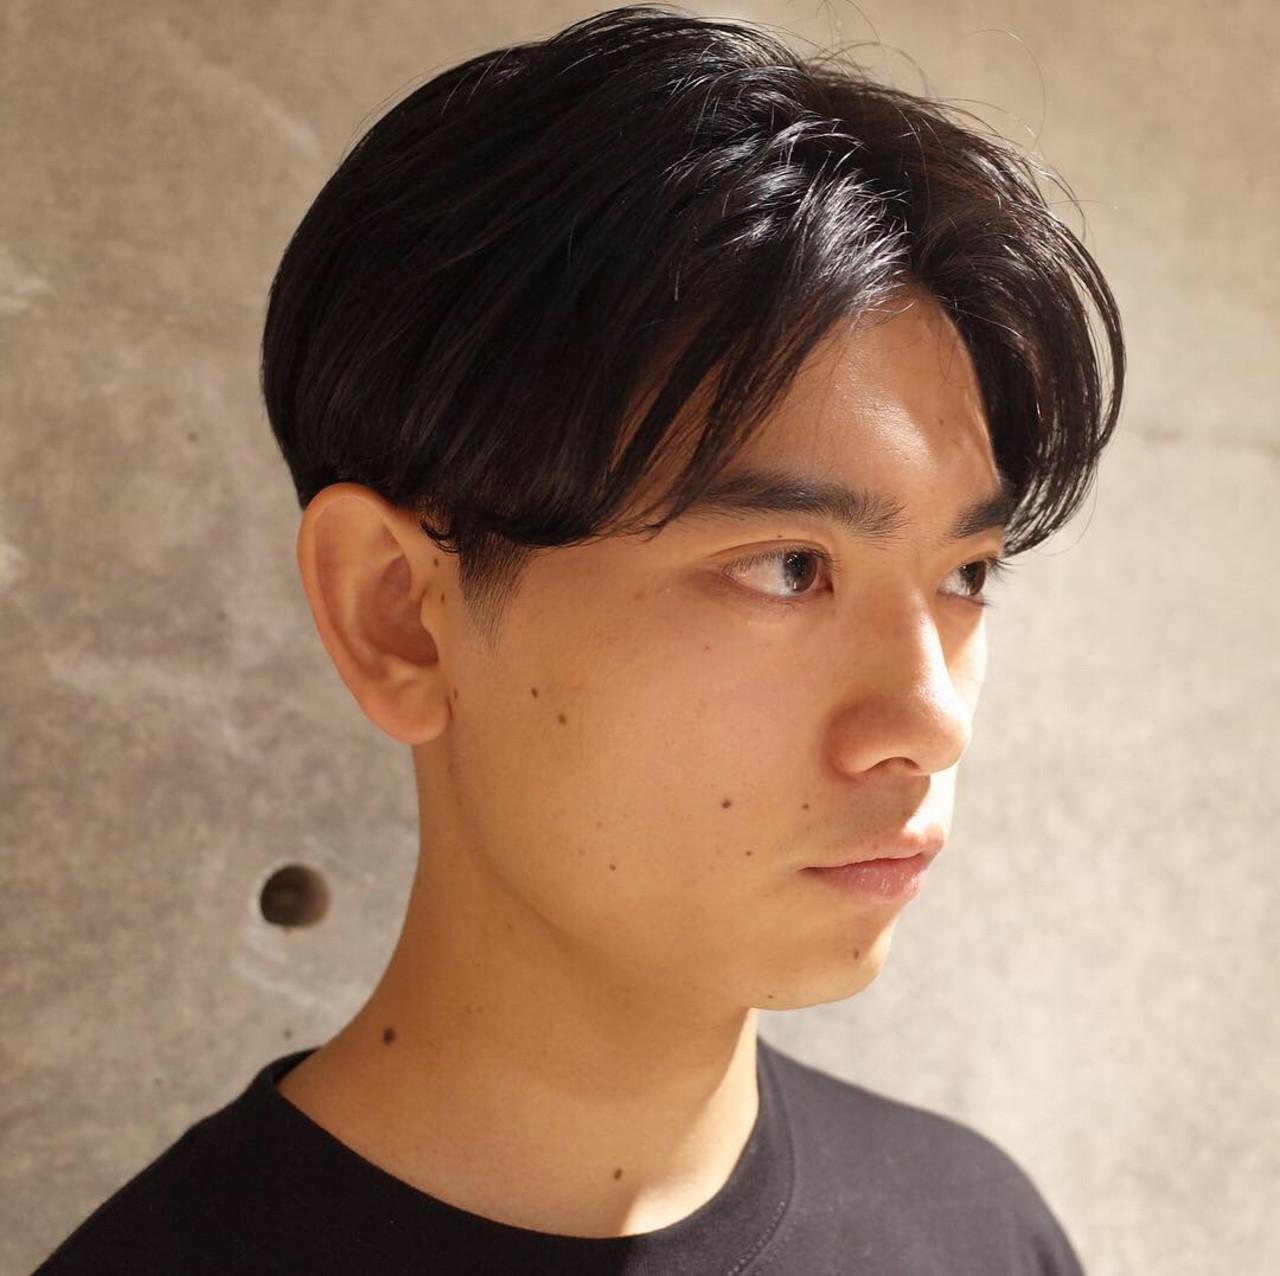 ボーイッシュ ストリート メンズ 坊主 ヘアスタイルや髪型の写真・画像 | 刈り上げ・2ブロック専門美容師 ヤマモトカズヒコ / MEN'S GROOMING SALON AOYAMA by kakimoto arms